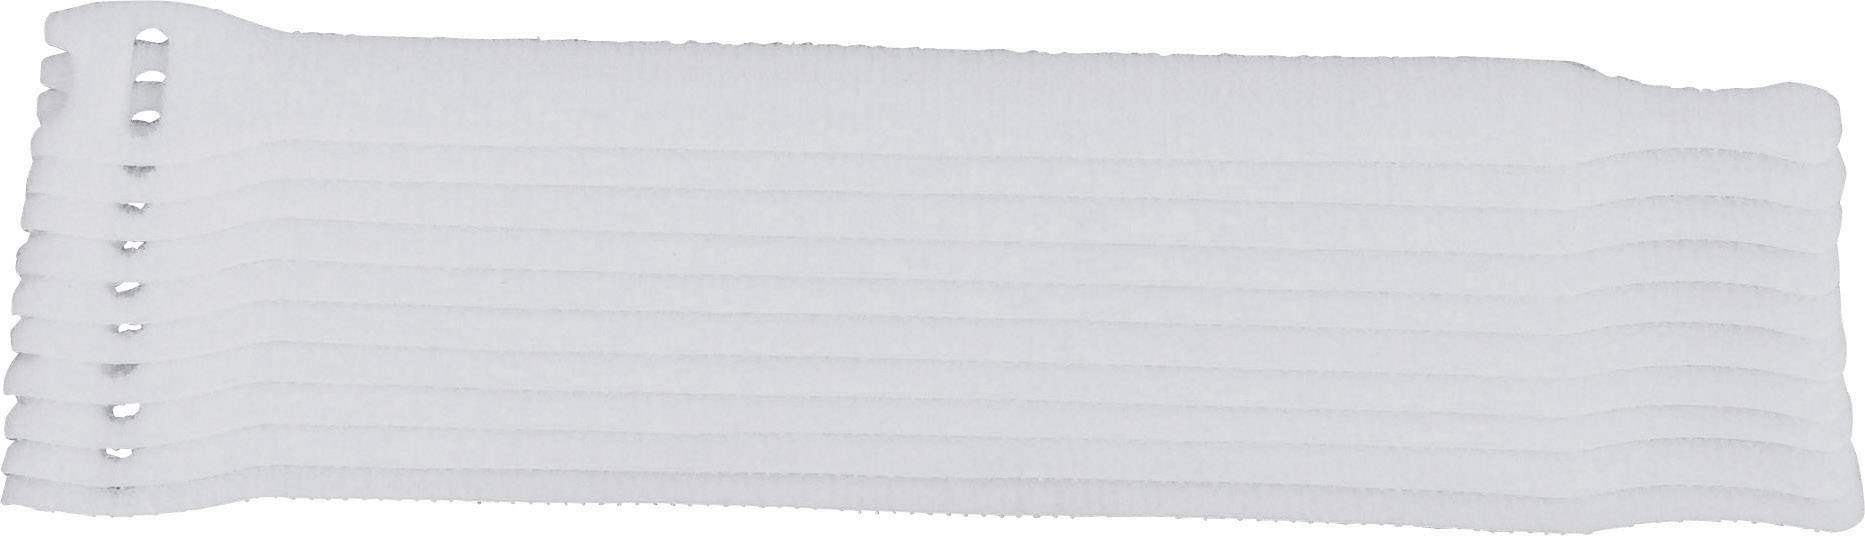 Káblový manažér na suchý zips TRU COMPONENTS 802-010-Bag, biela, 10 ks